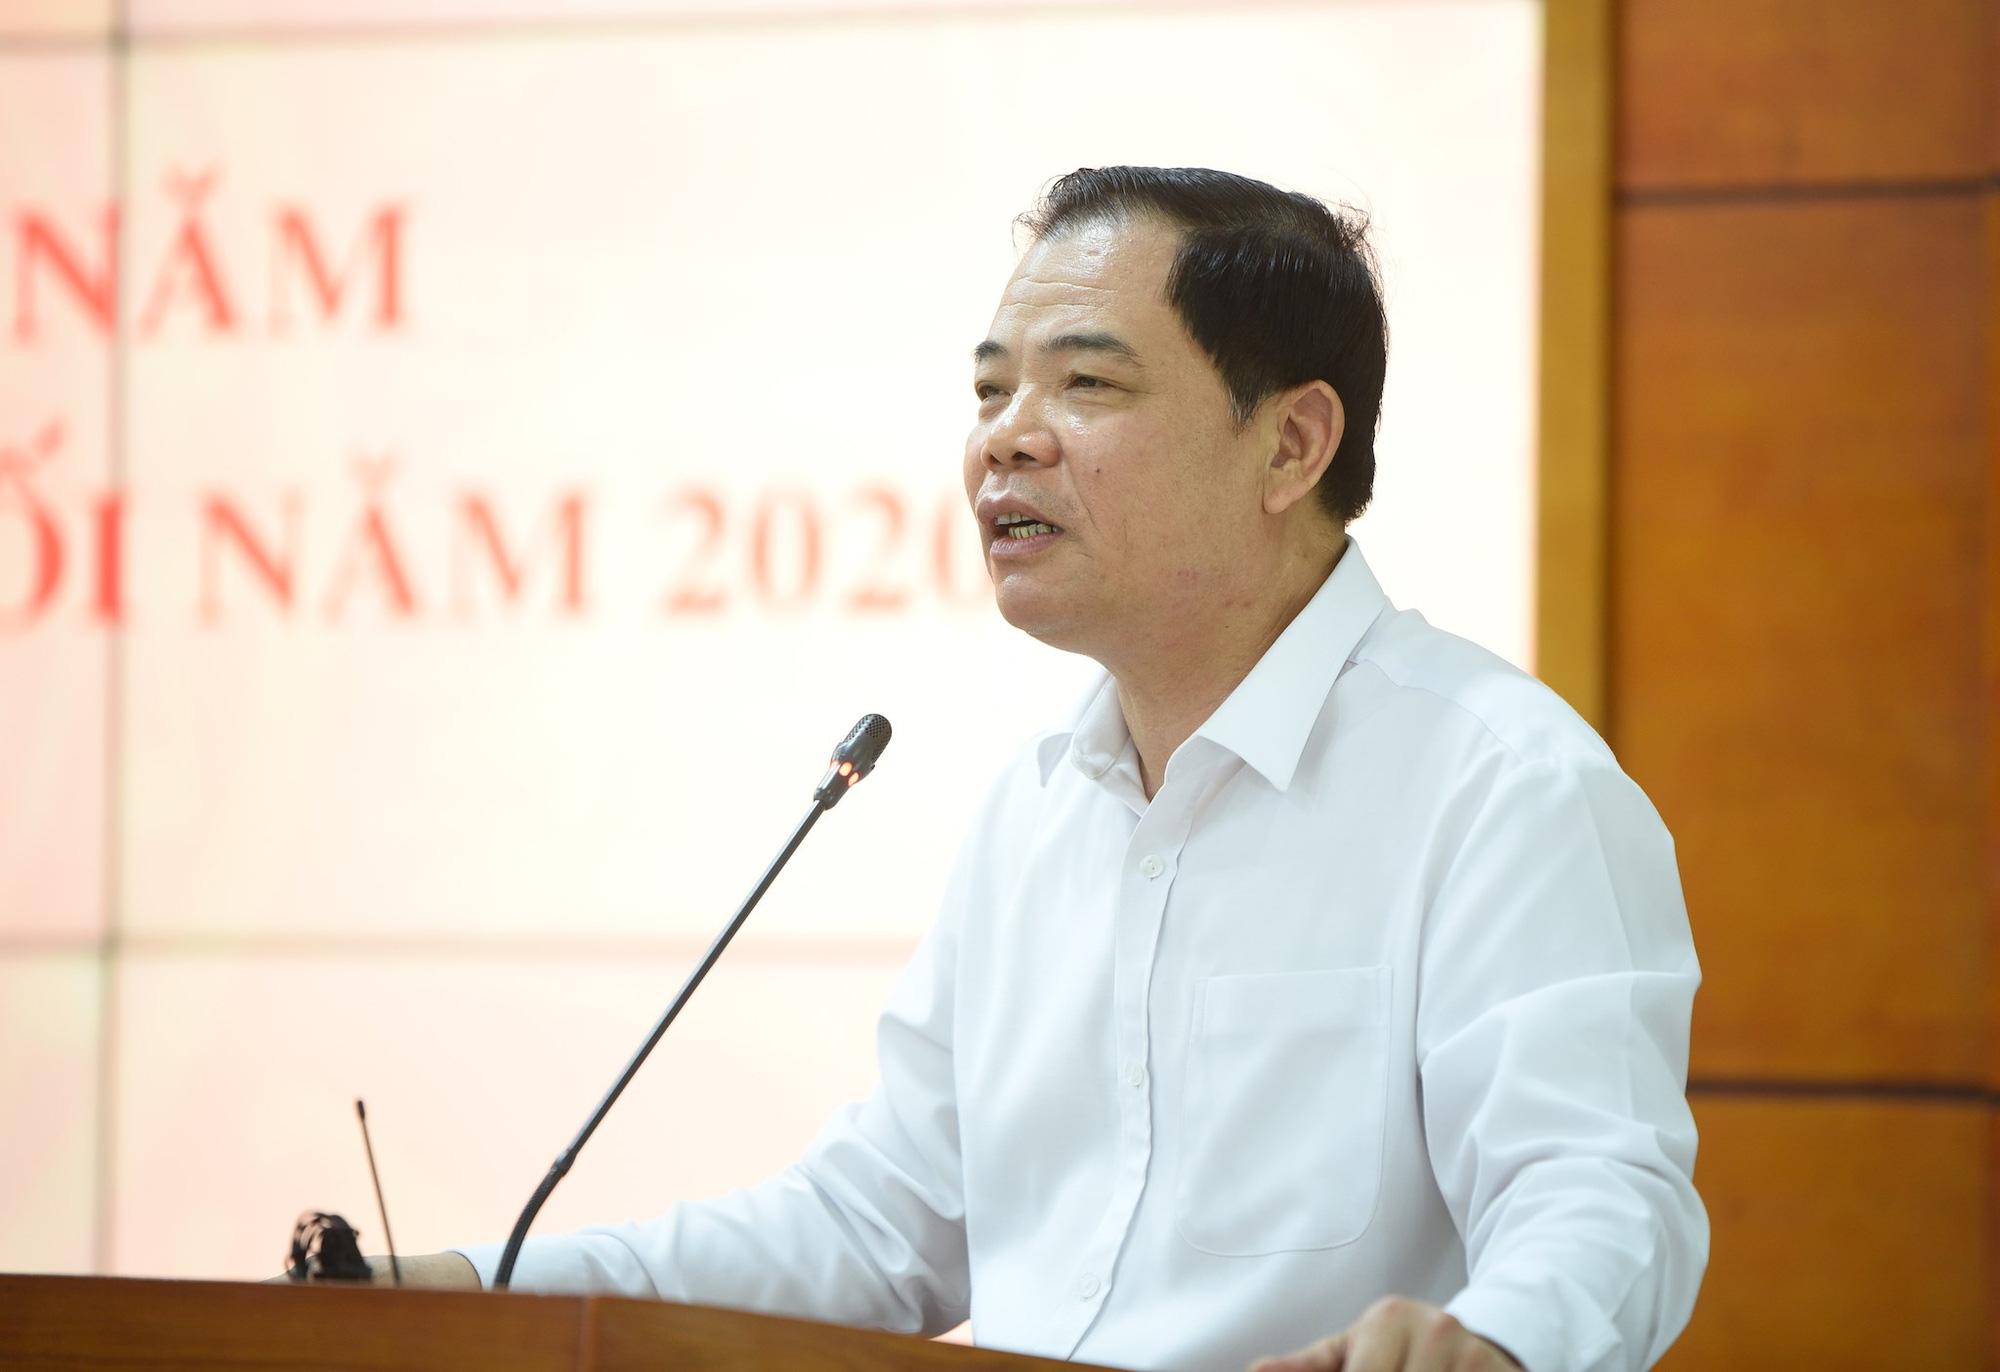 """Bộ trưởng Nguyễn Xuân Cường: Chăn nuôi thoát """"âm"""", không bàn lùi, không hạ mục tiêu tăng trưởng - Ảnh 1."""